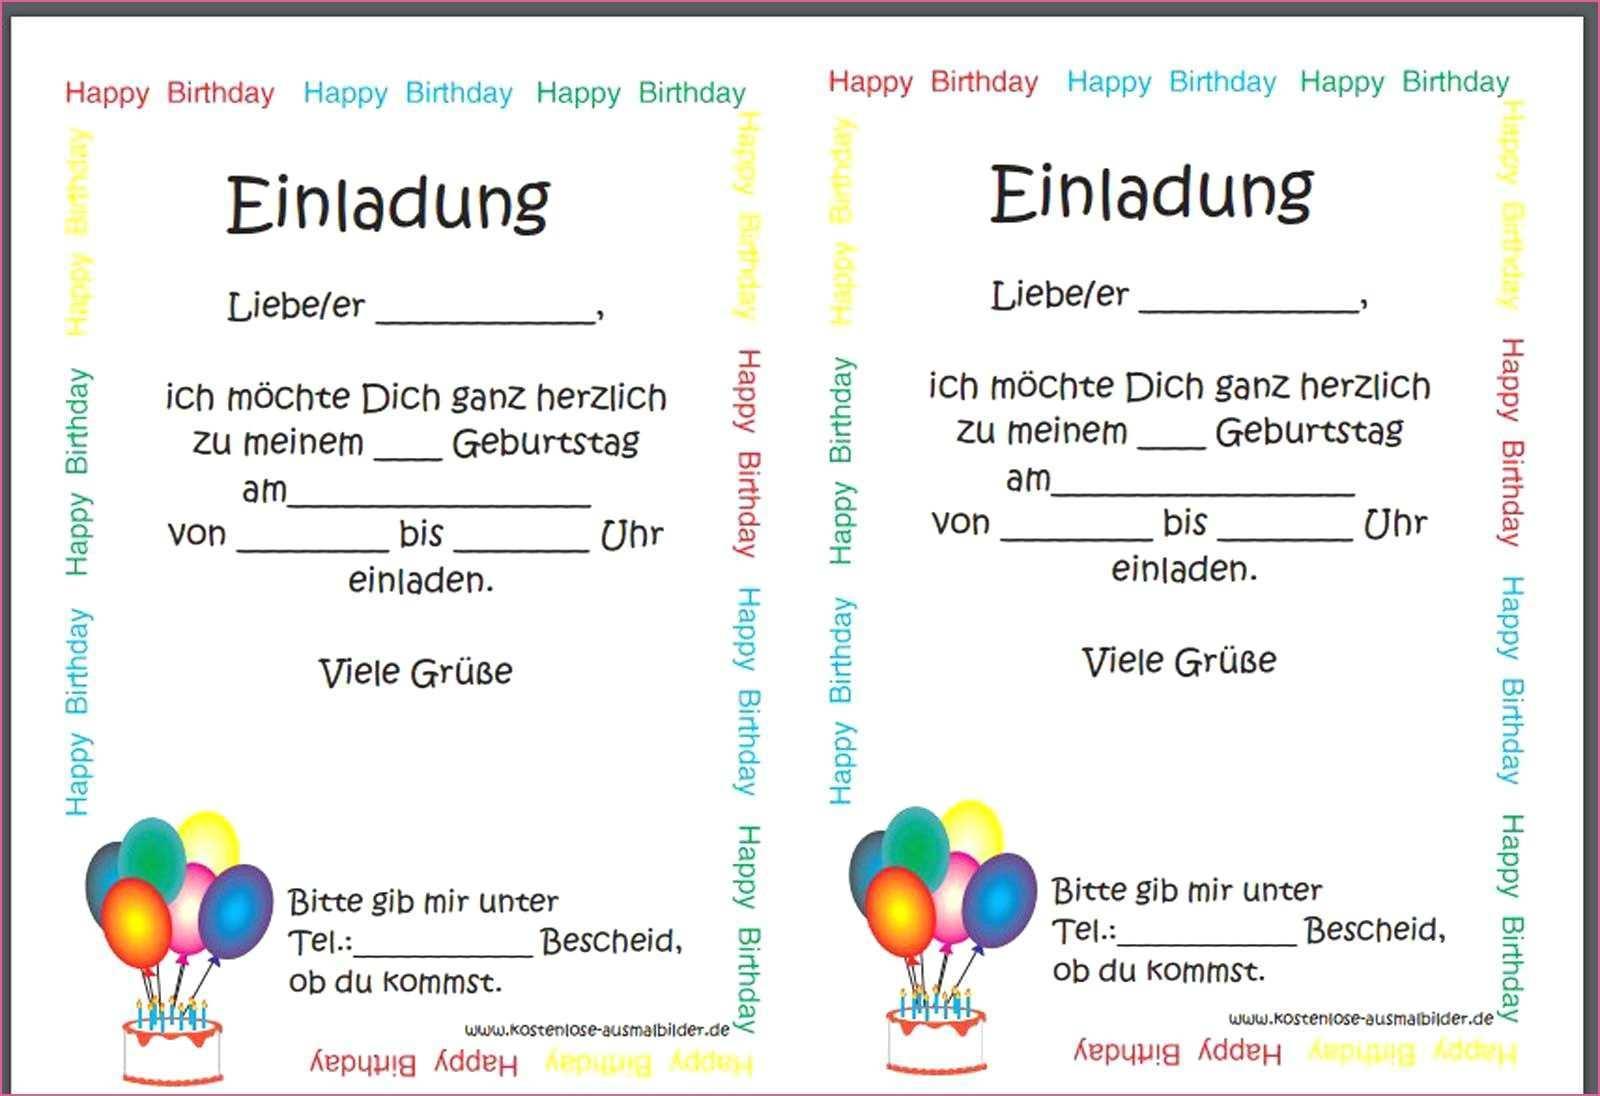 Fein Einladung Brunch Lustig Vorlage Einladung Kindergeburtstag Einladungskarten Kindergeburtstag Text Einladungen Geburtstag Kostenlos